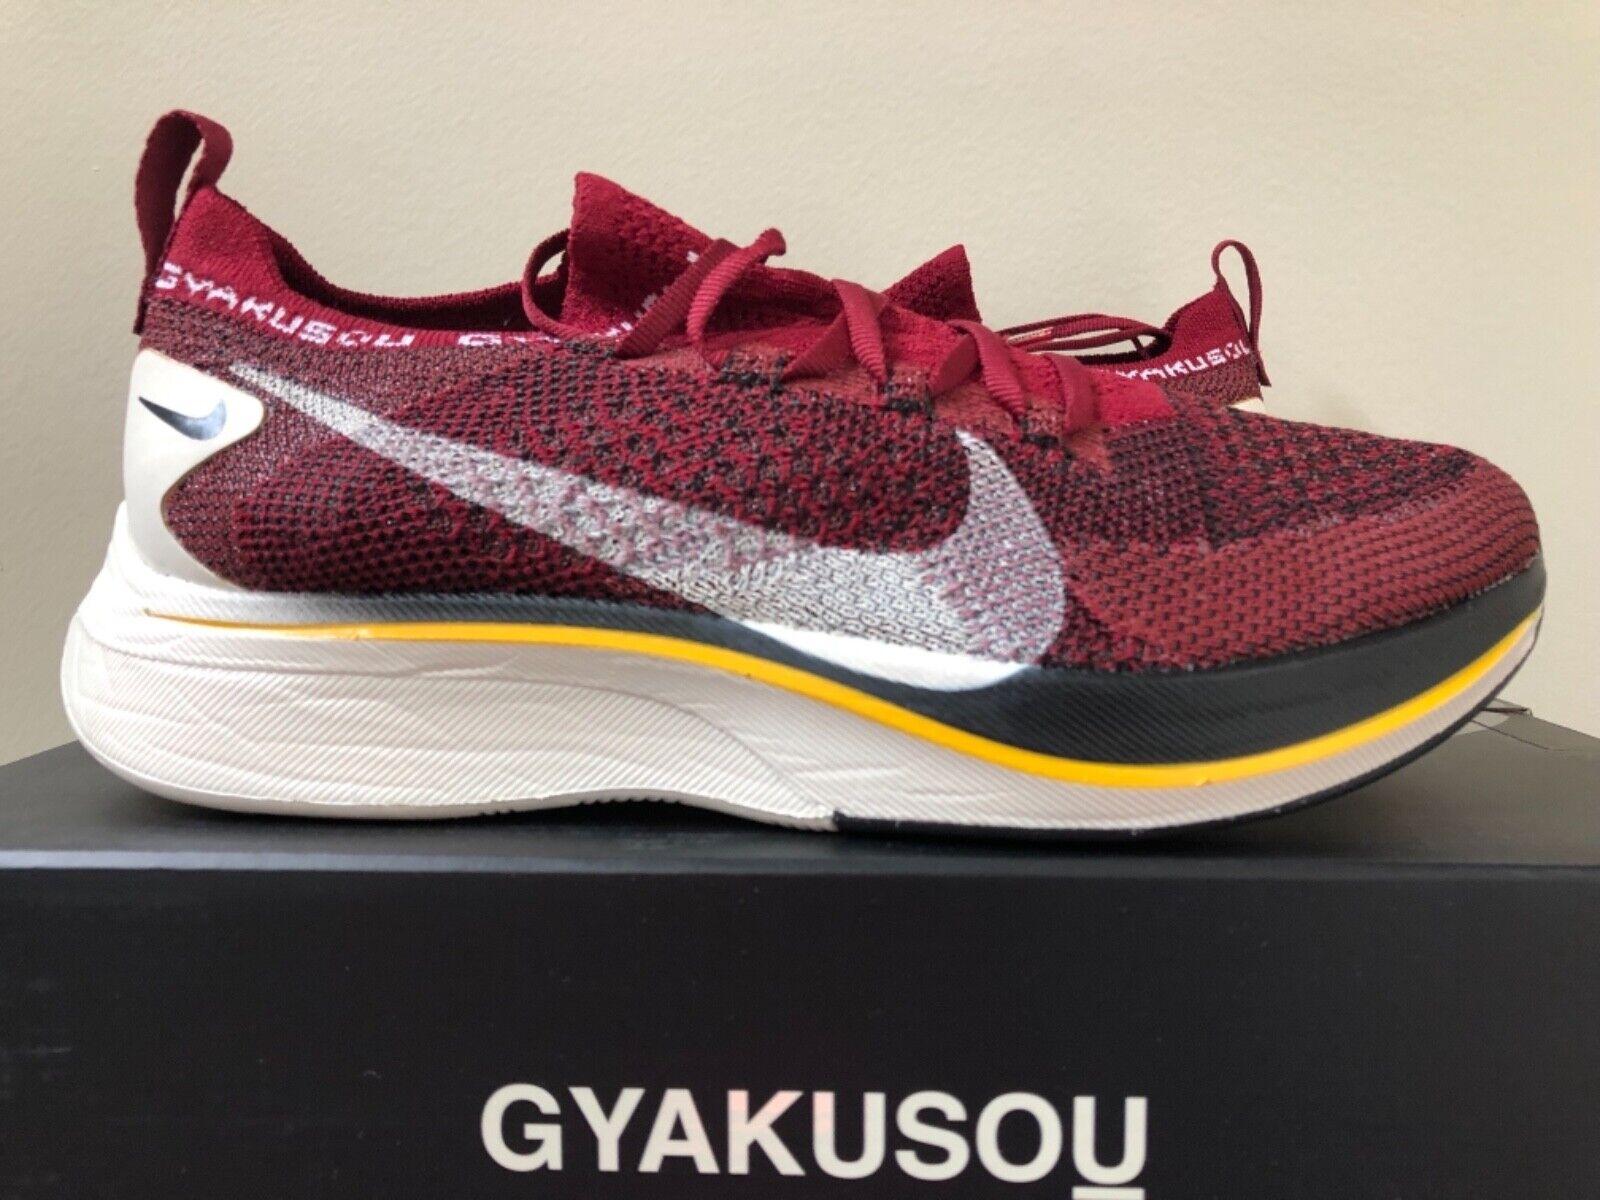 Nike Vaporfly 4% Flyknit x Gyakusou Burgundy 4-13 AV7998-600 100% Authentic